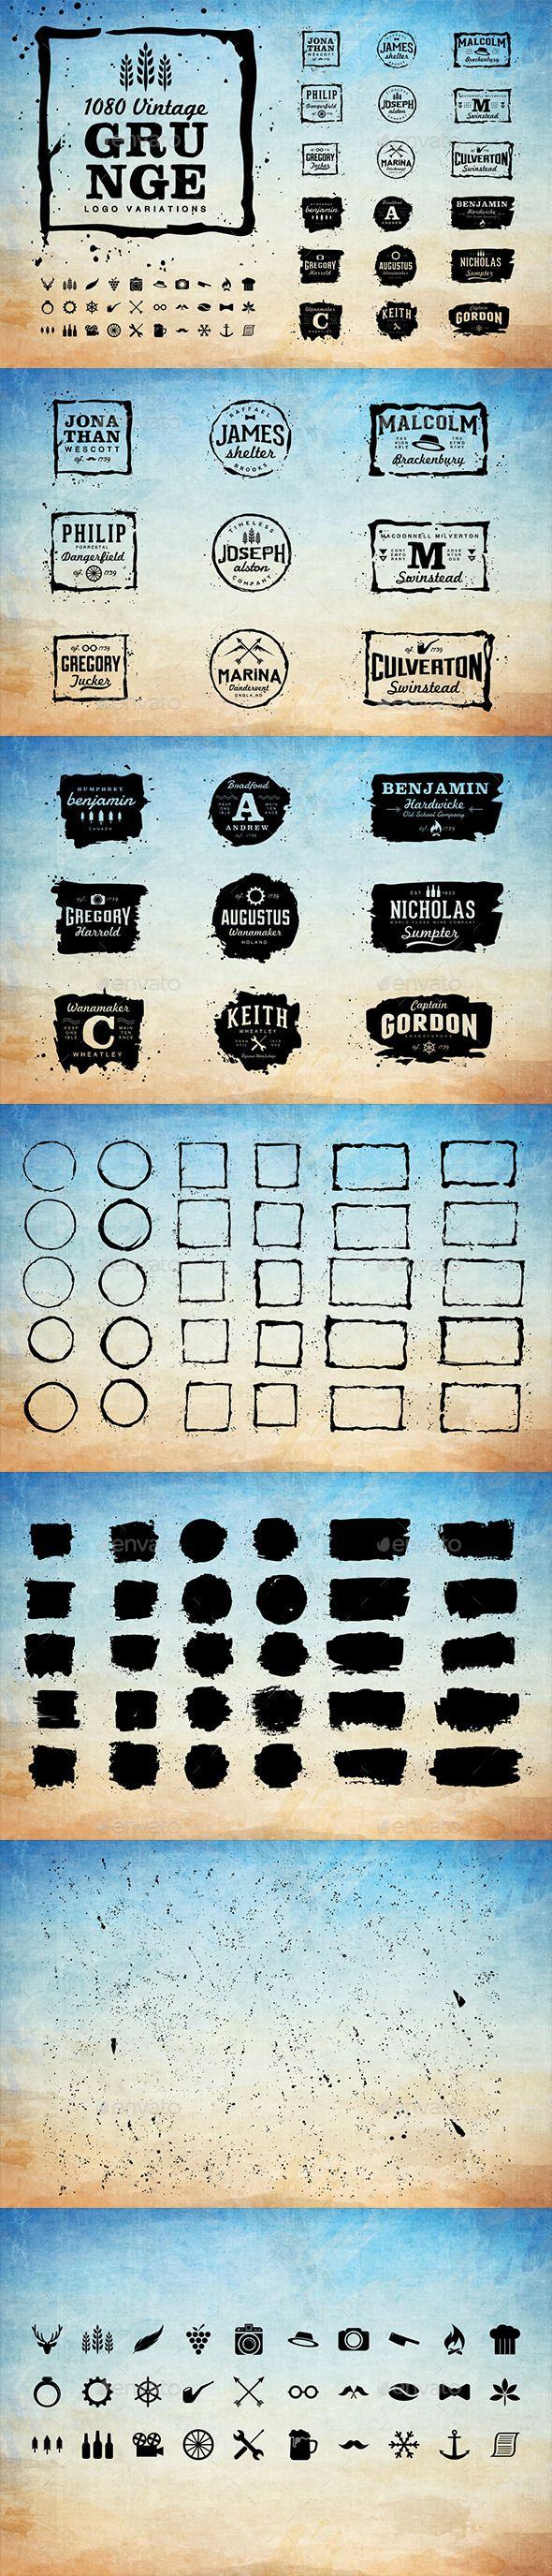 1080 Vintage Grunge Logo Variations #design Download: http://graphicriver.net/item/1080-vintage-grunge-logo-variations/11893935?ref=ksioks